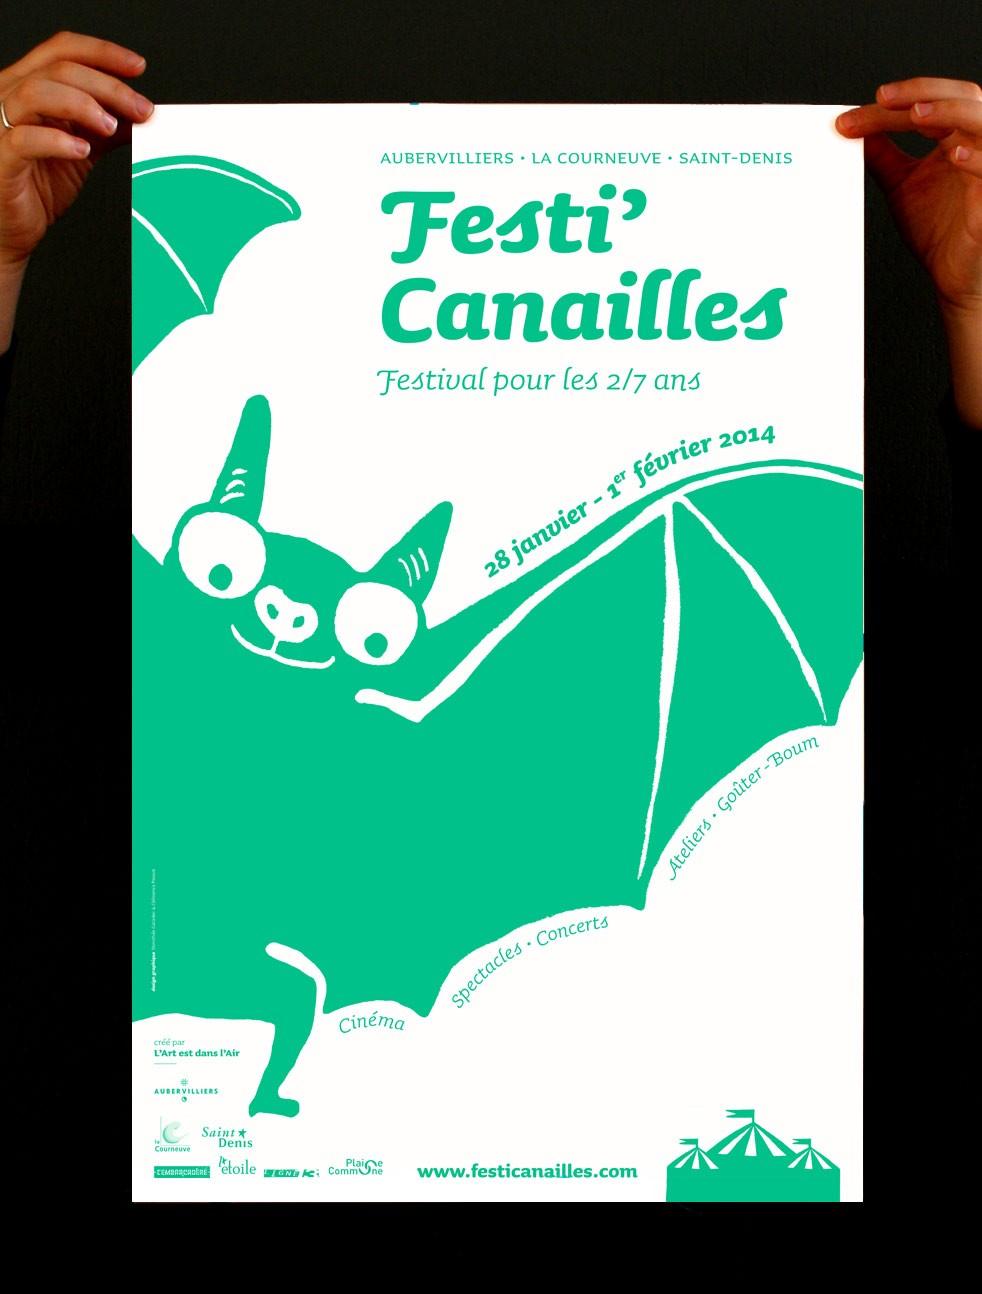 festi-canailles_2012-2014_08-3cf2b211d8a818ead1be9f9dc125f9e1